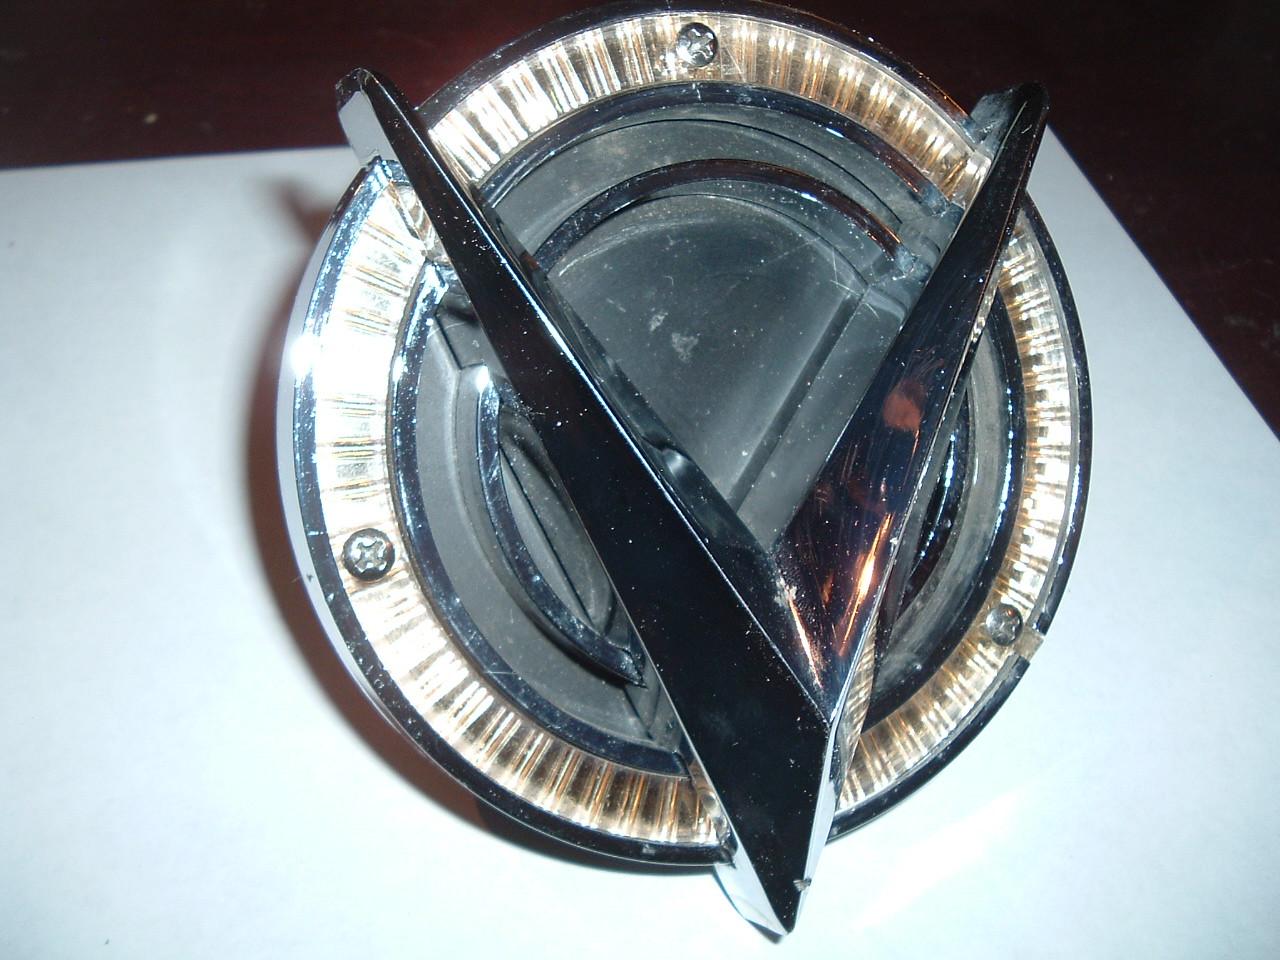 1959 buick grille emblem 1187587 (z 1187587)